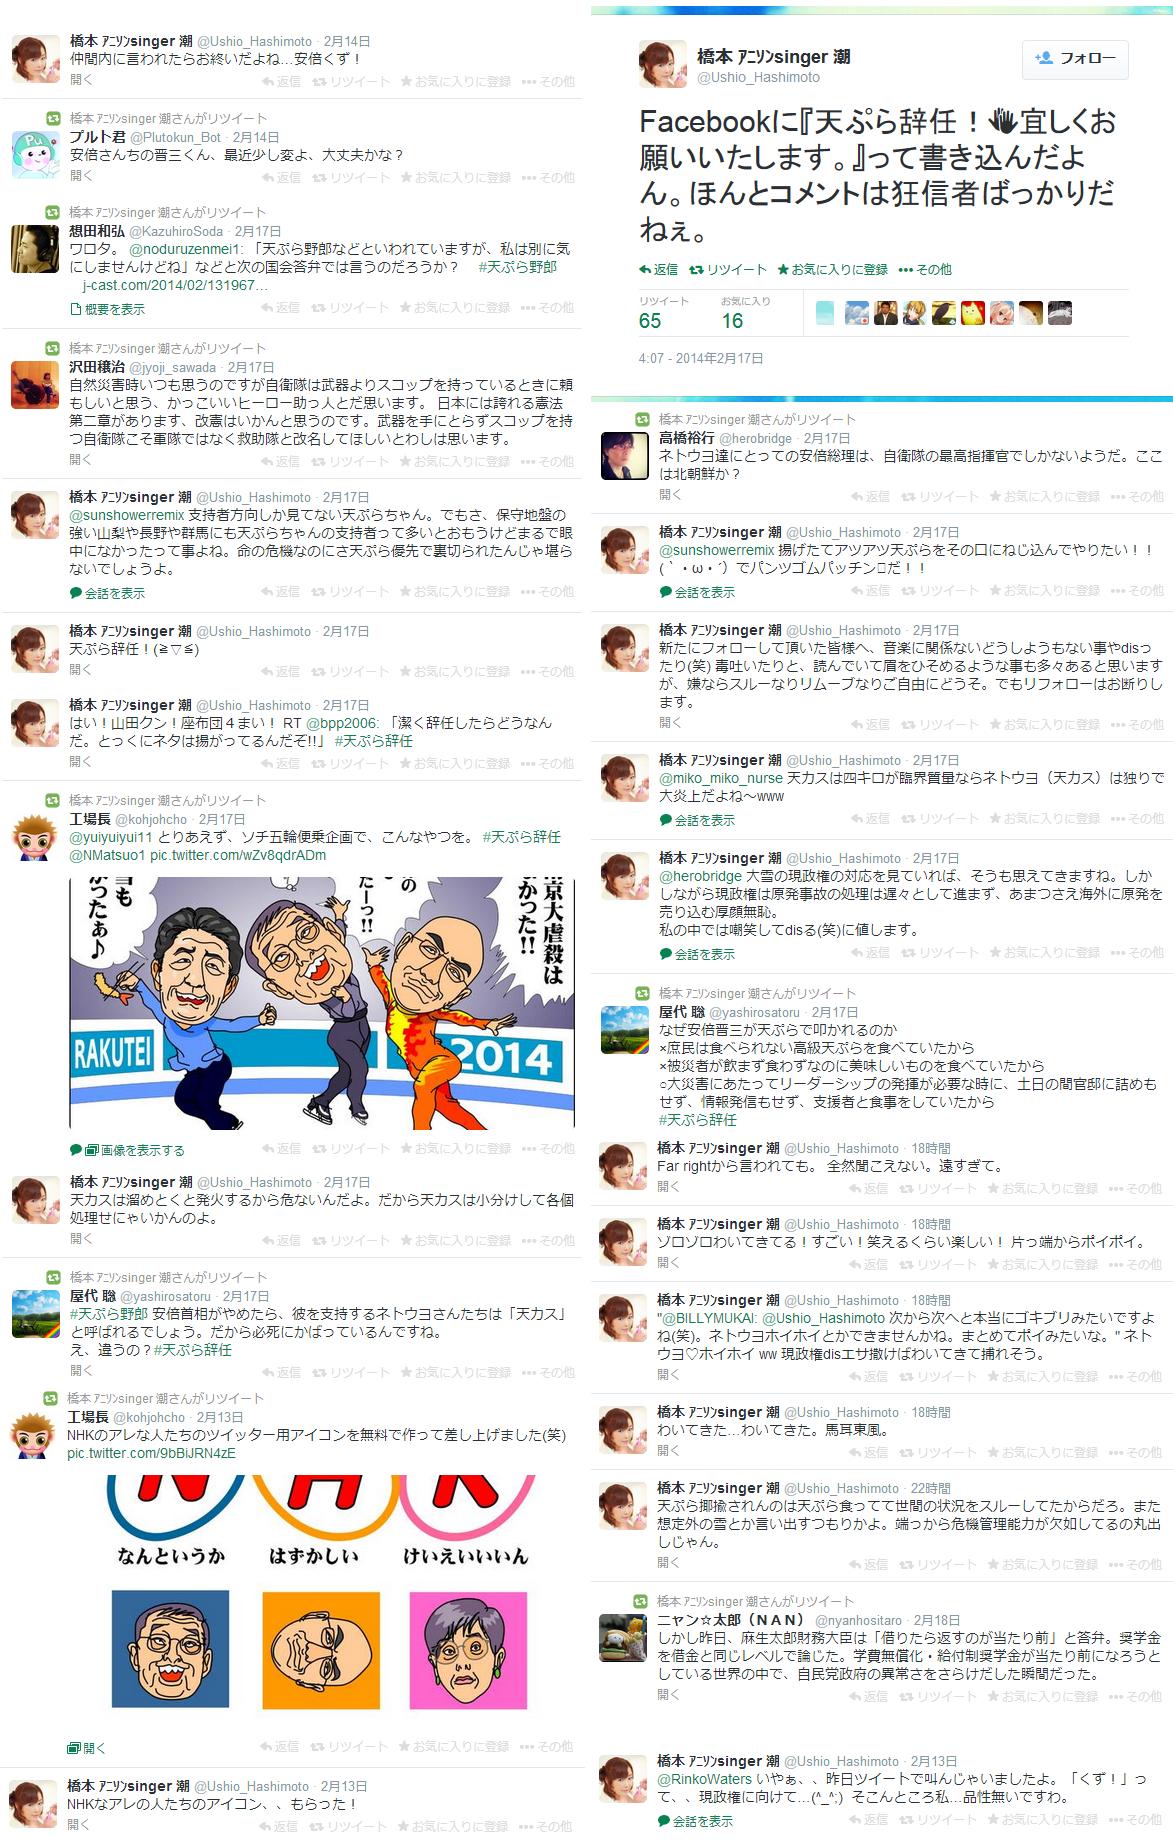 ドラゴンボール「ロマンティックあげるよ」の歌手橋本潮氏、Twitterで「天ぷら辞任」連呼で炎上するも痛々しいツイートを繰り返す